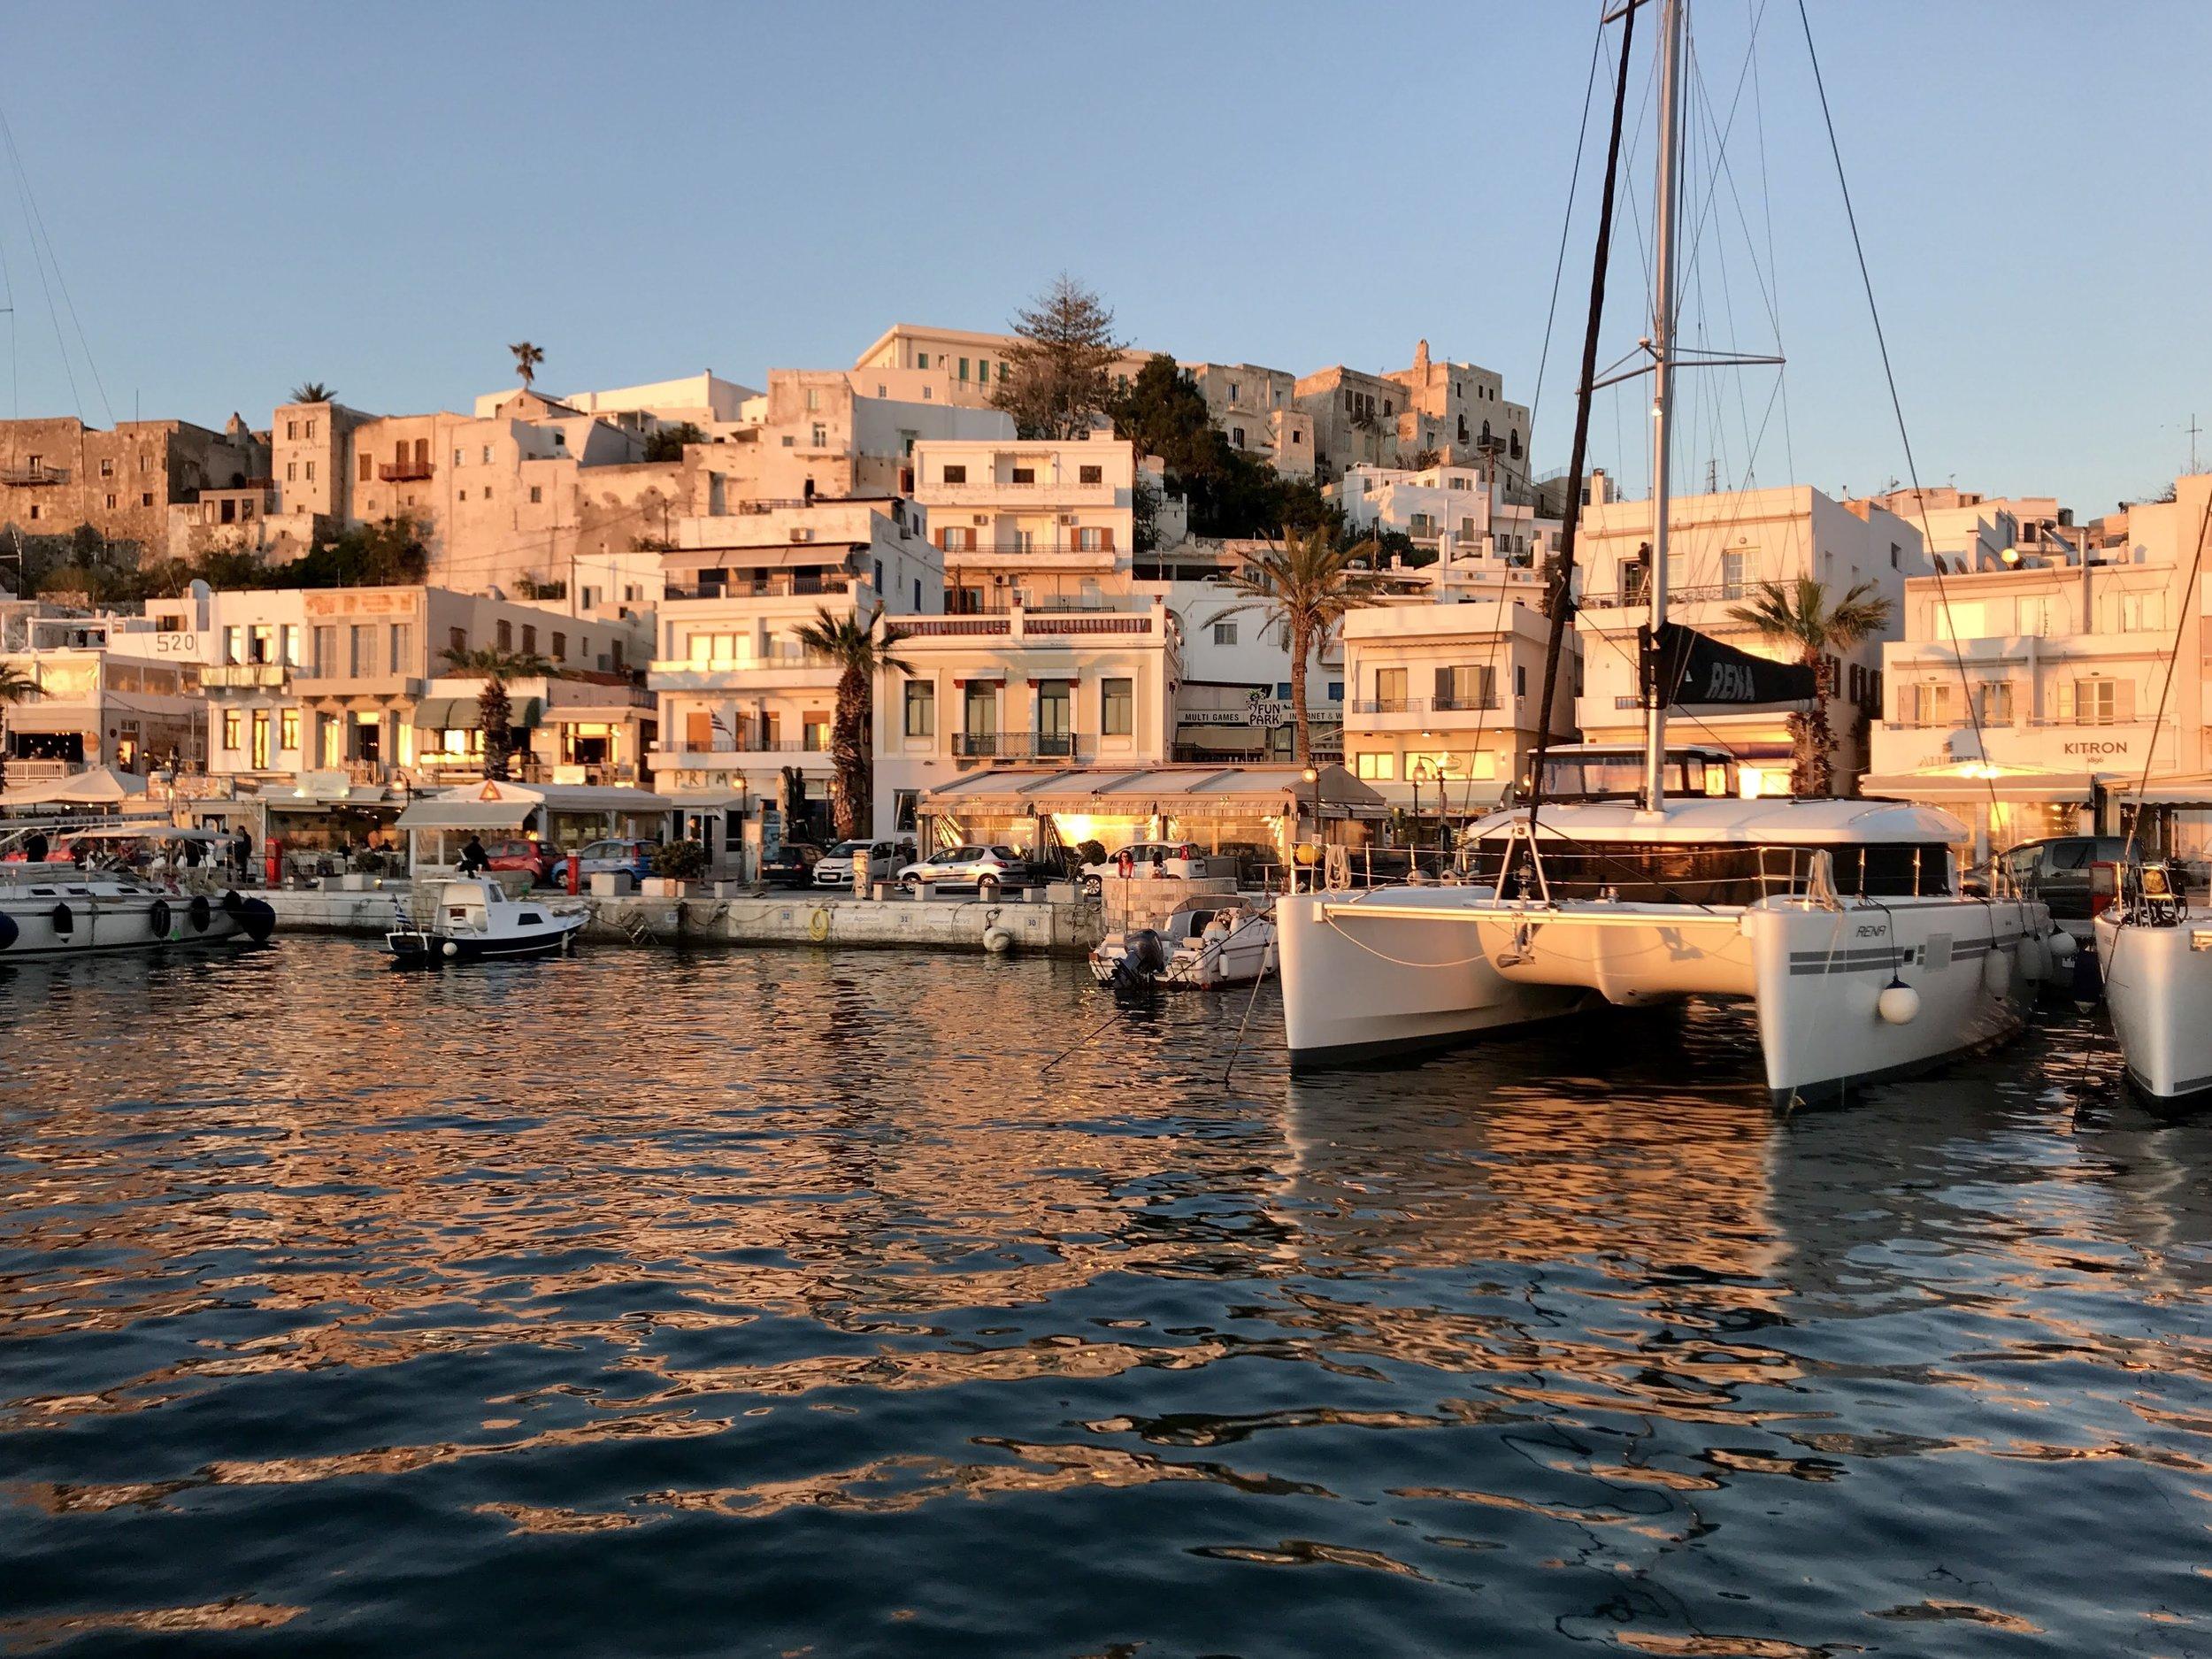 Golden Hour in Greece. No filter needed.